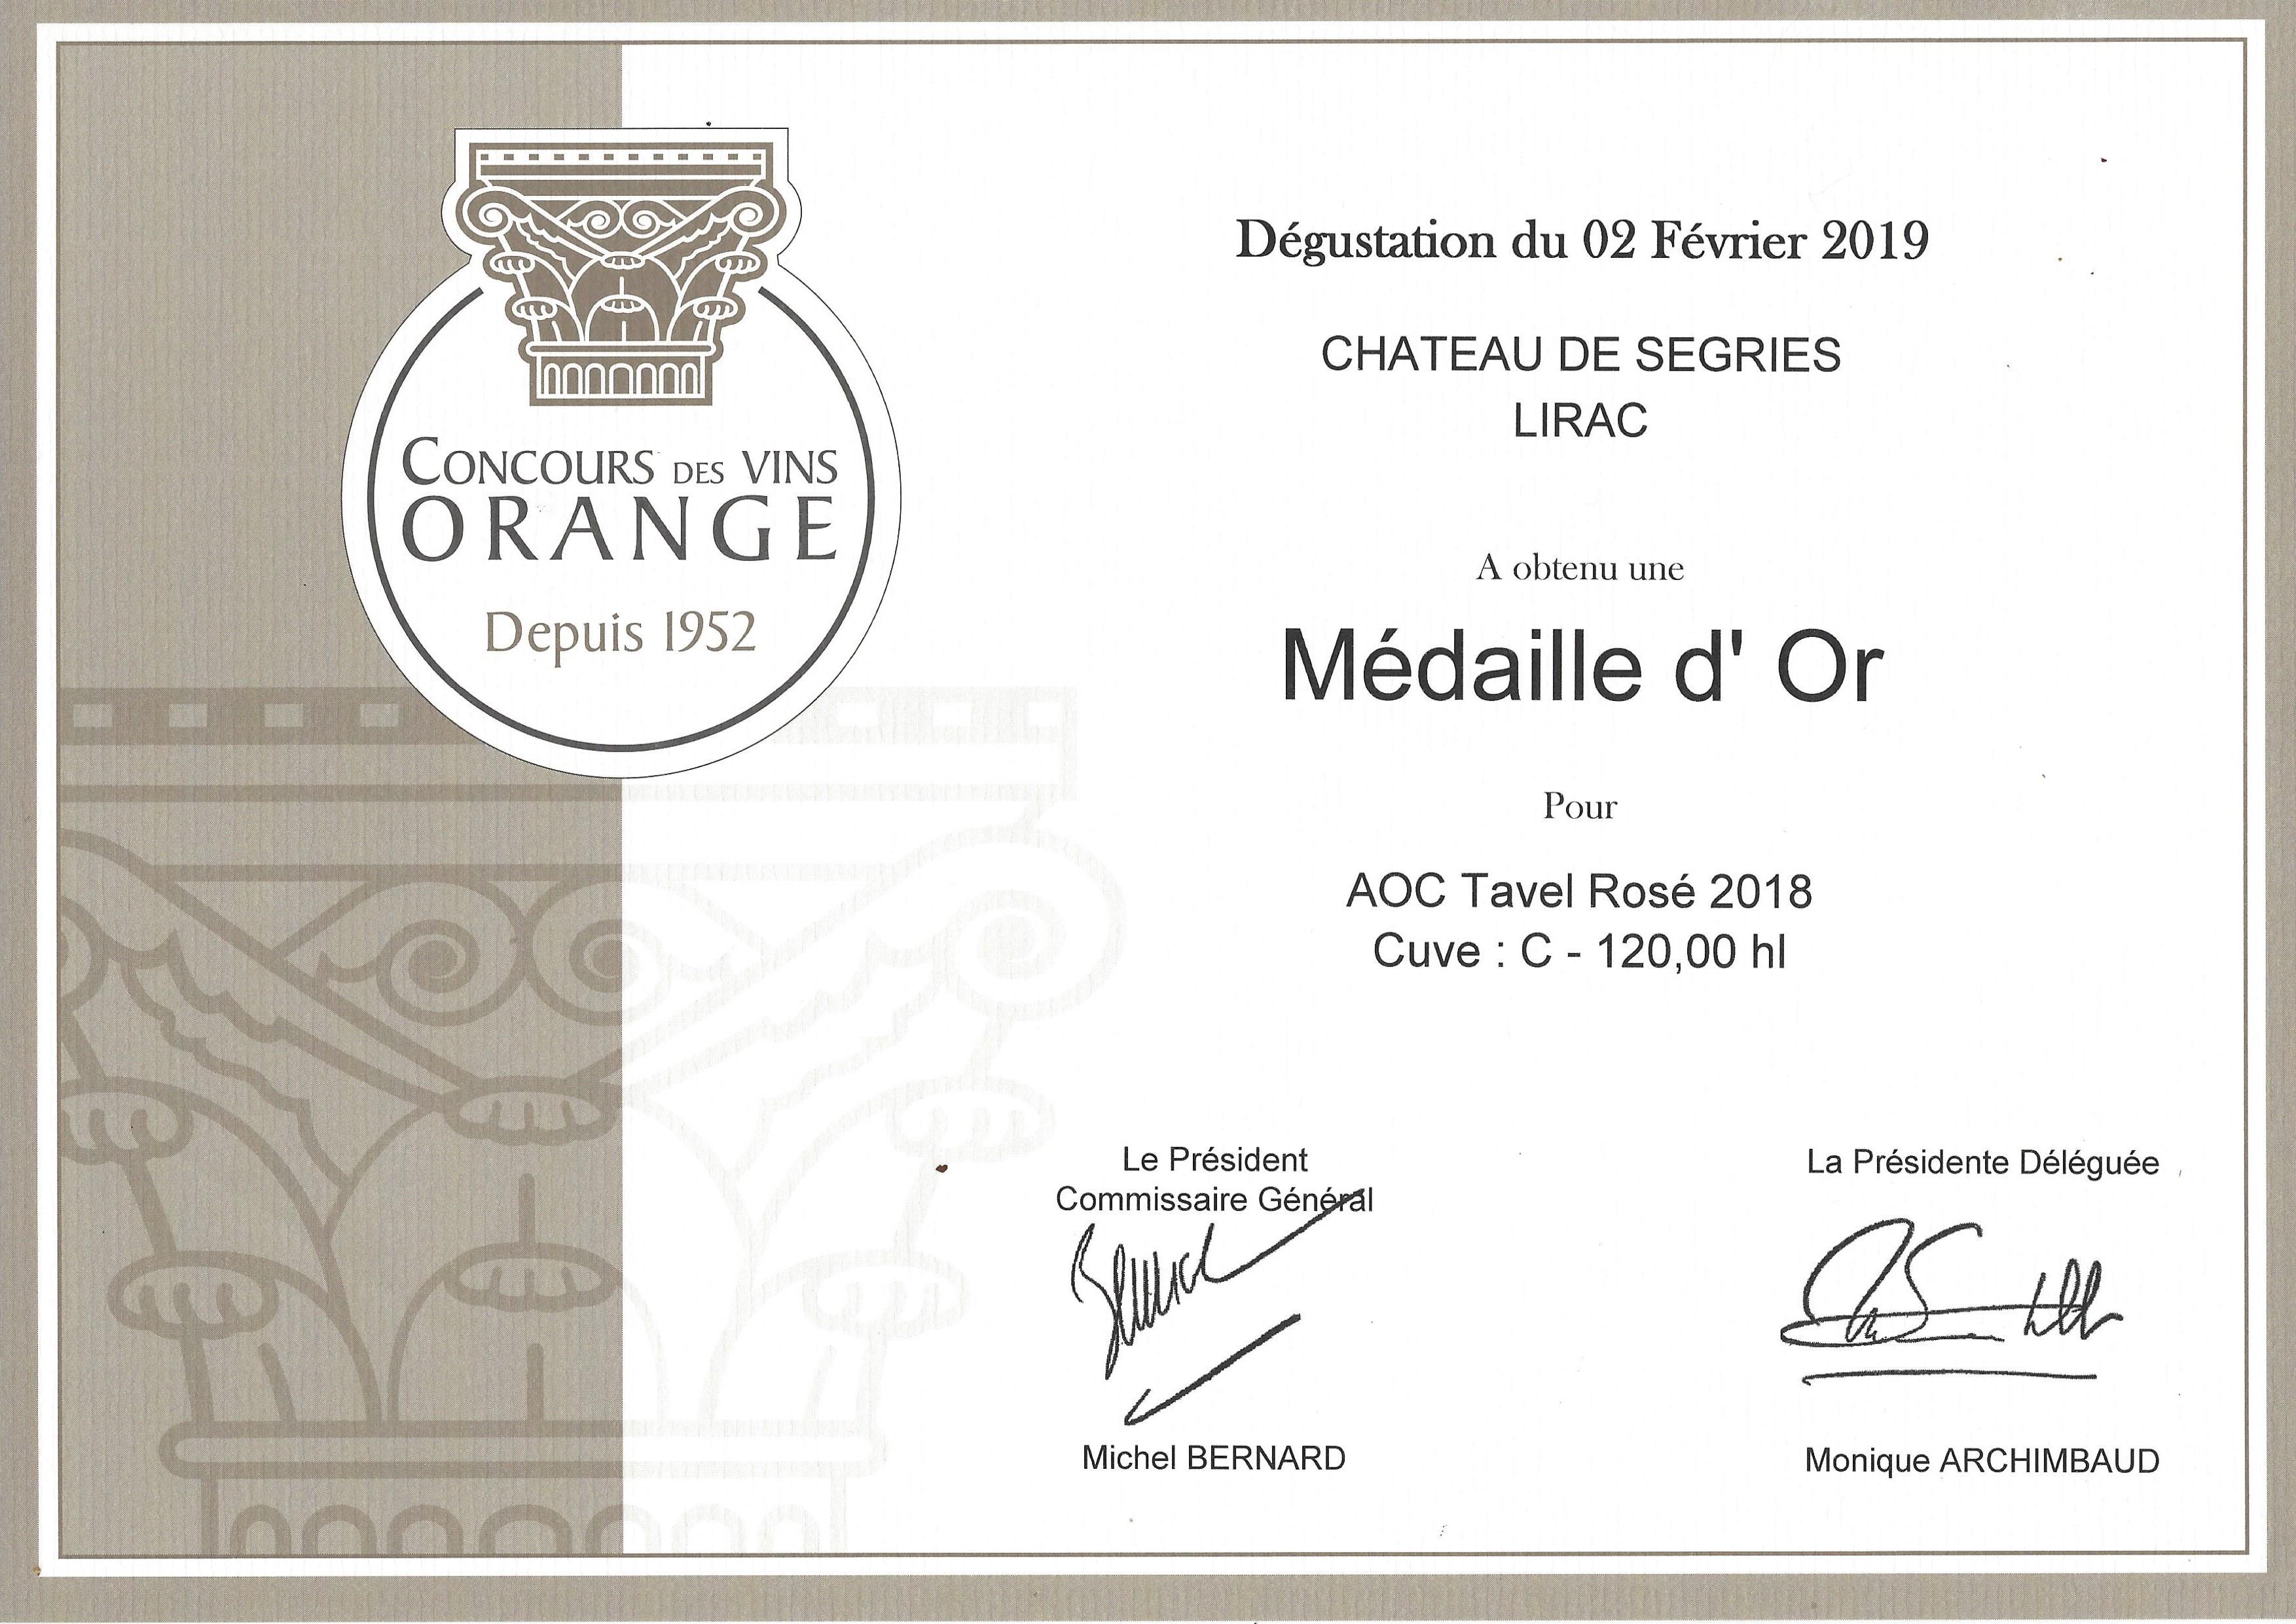 Médaille d'Or pour AOC Tavel Rosé 2018